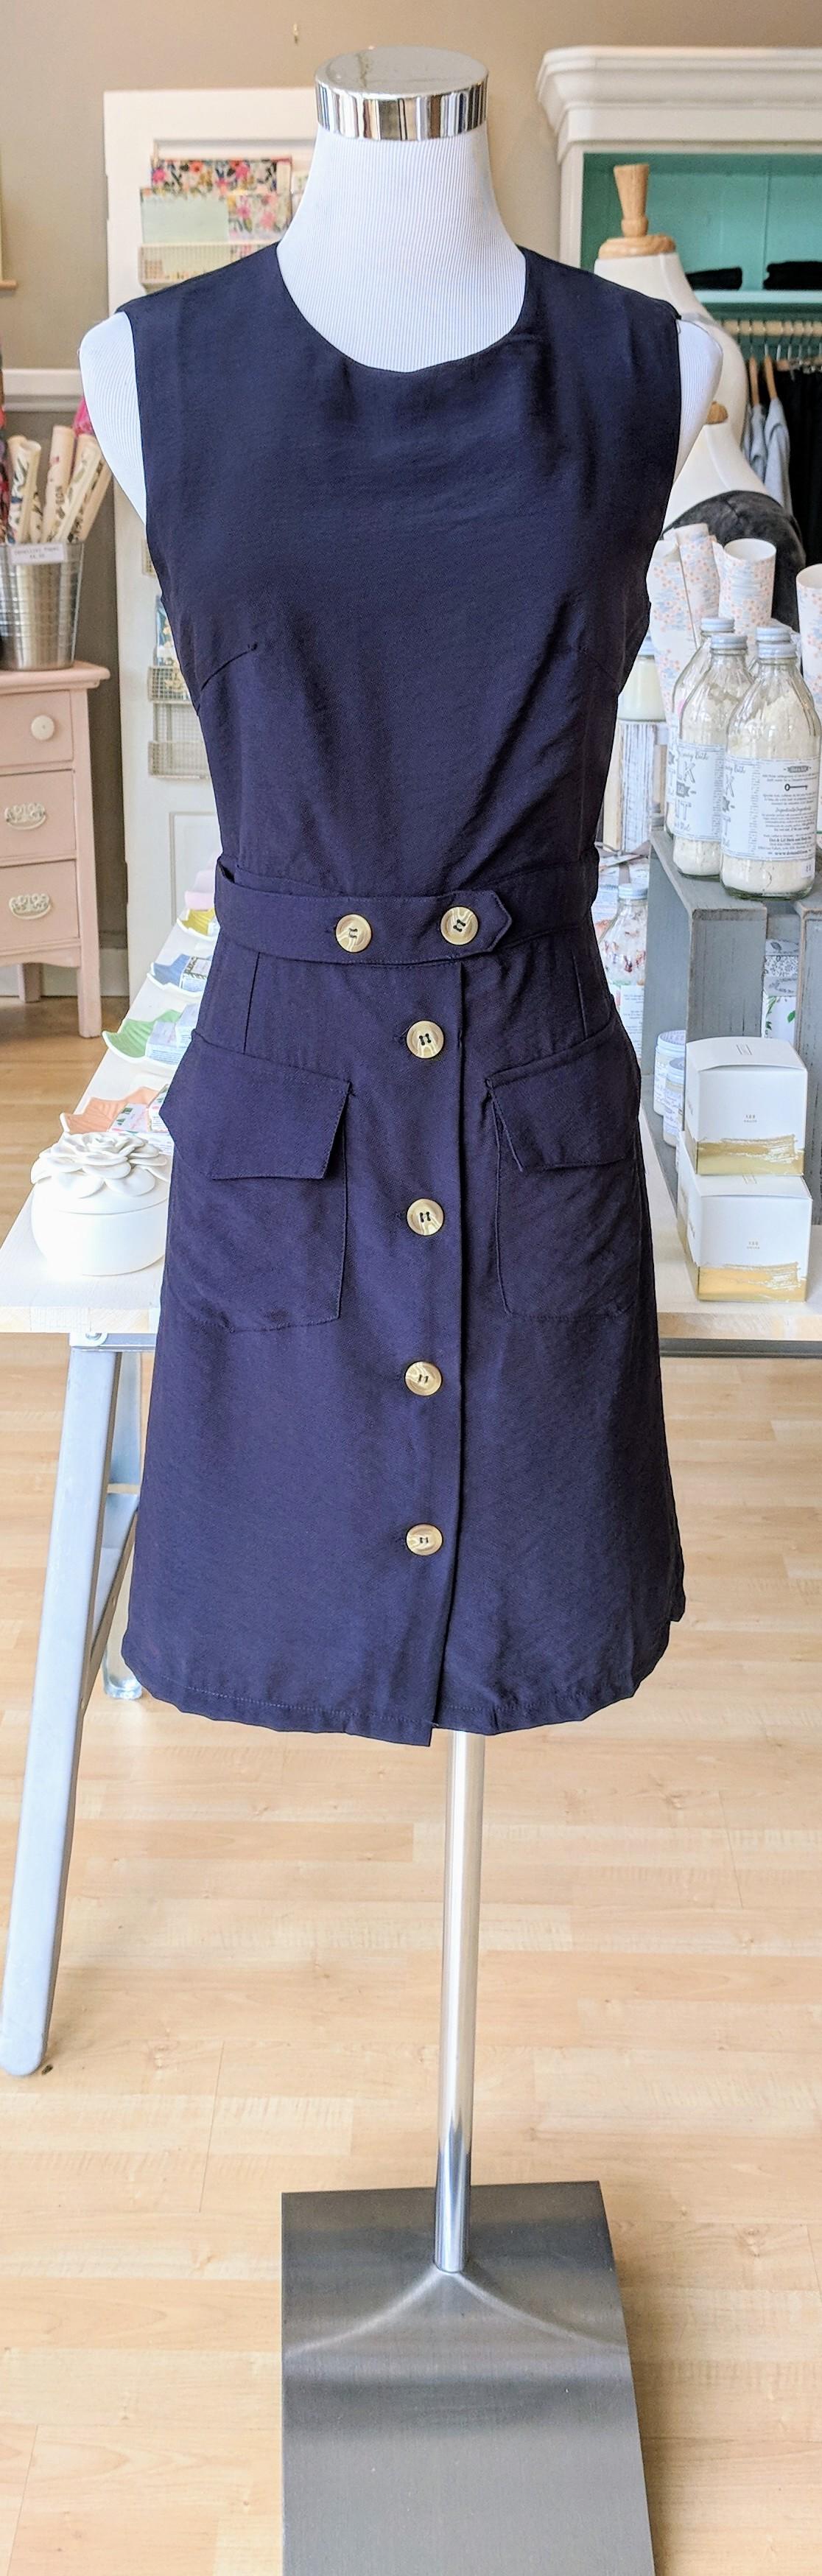 Navy mini dress with pockets.